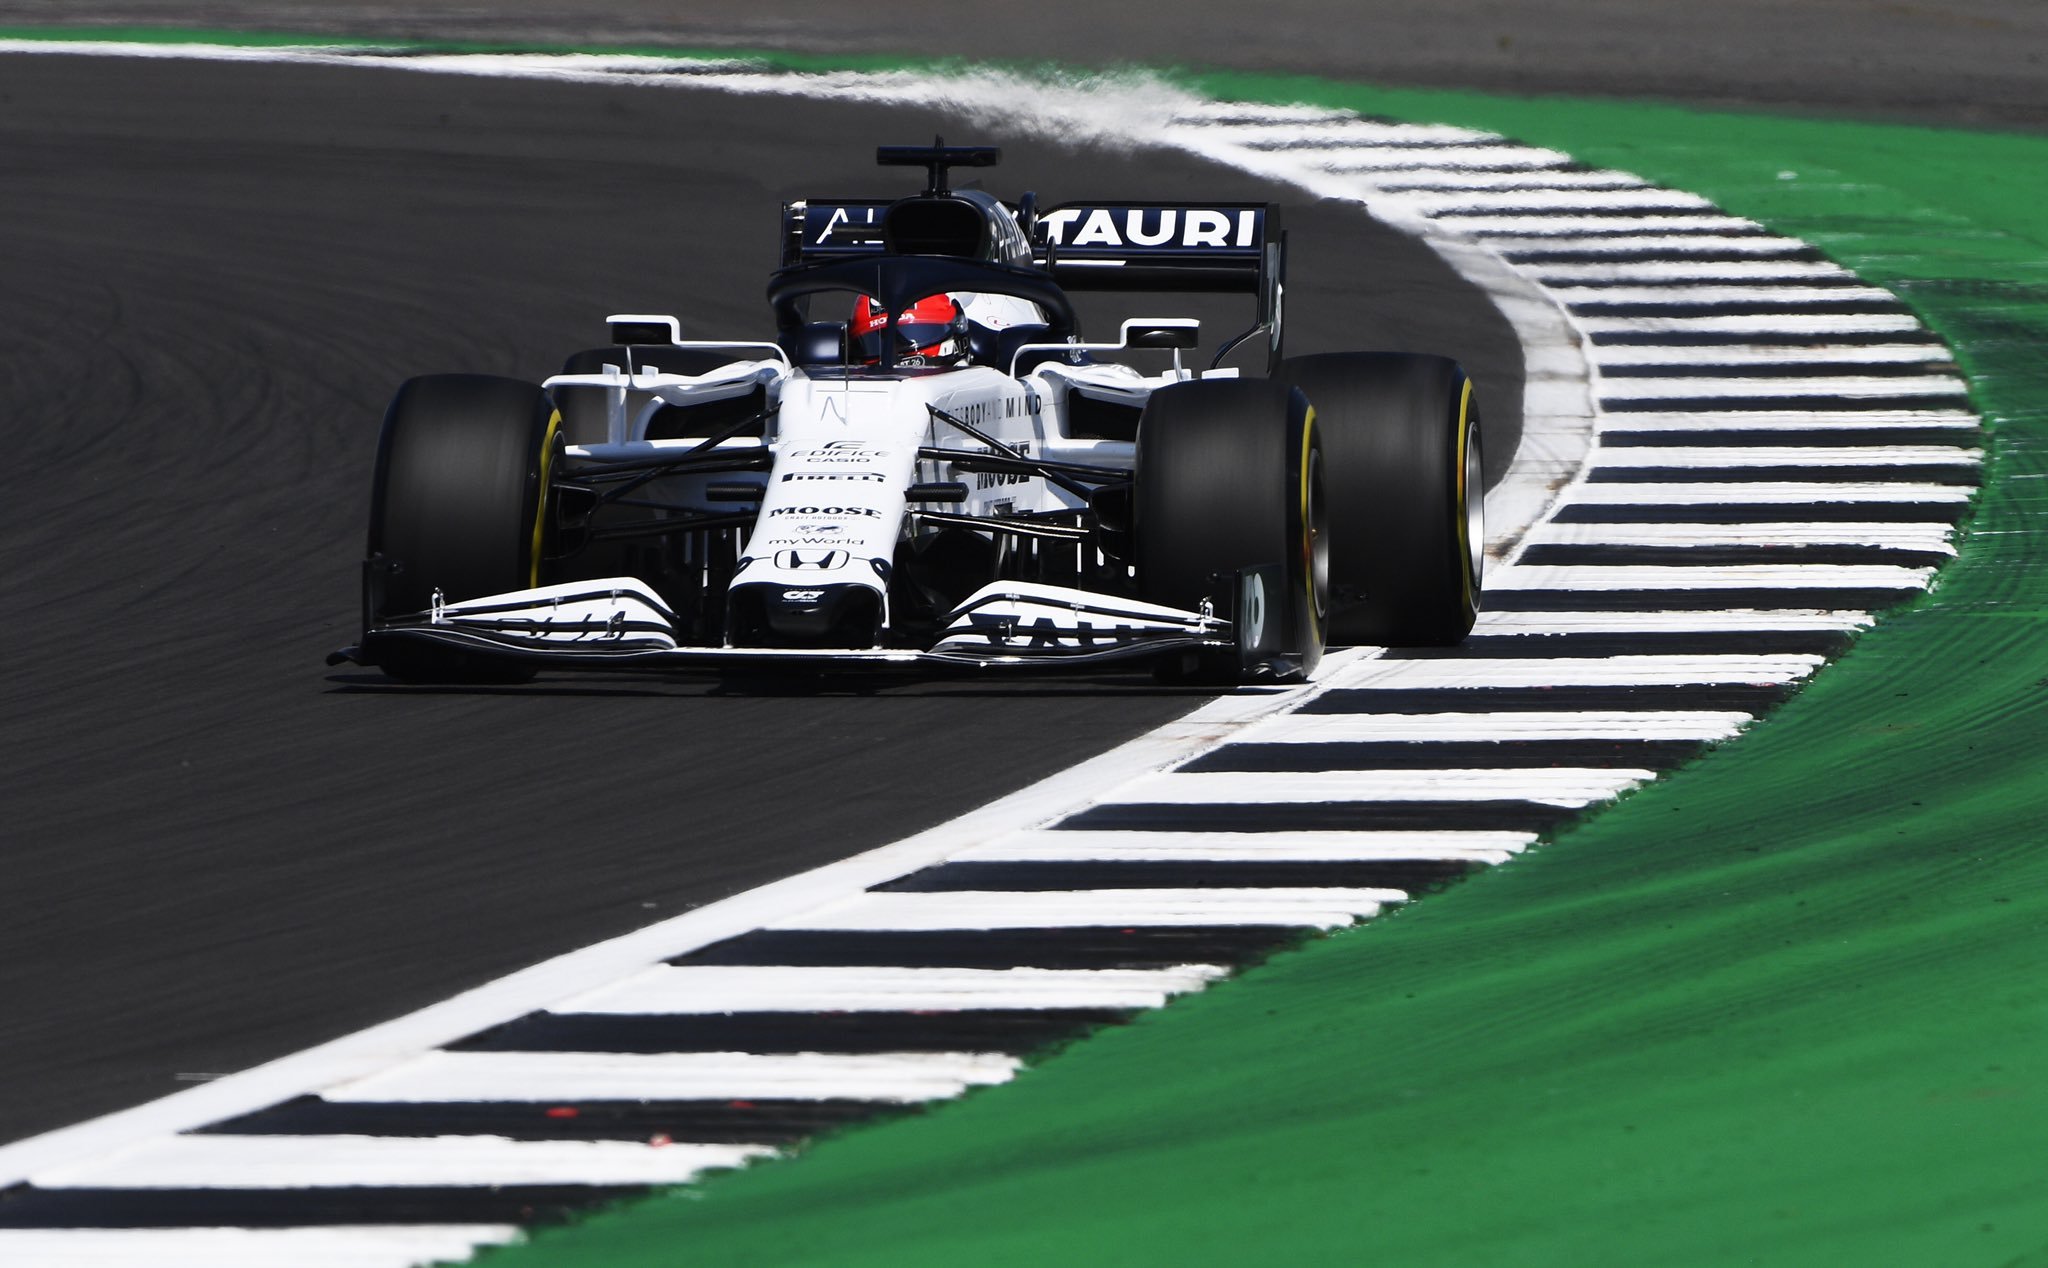 F1 - Officiel : Daniil Kvyat pénalisé sur la grille de départ à Silverstone